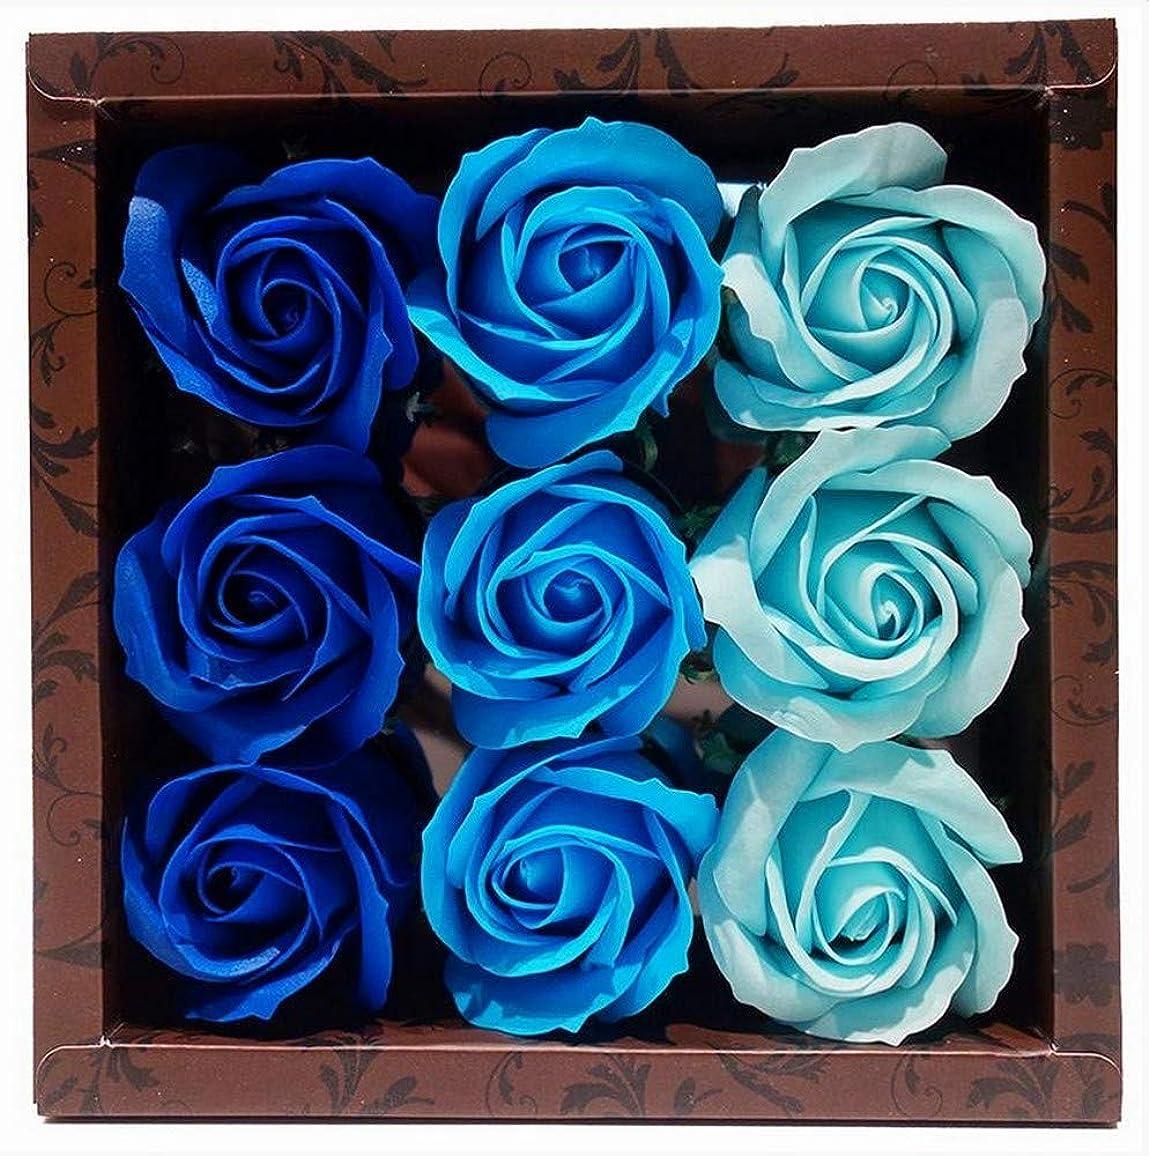 妖精ダメージ二層花のカタチの入浴料 ローズ バスフレグランス フラワーフレグランス バスフラワー (ブルー)